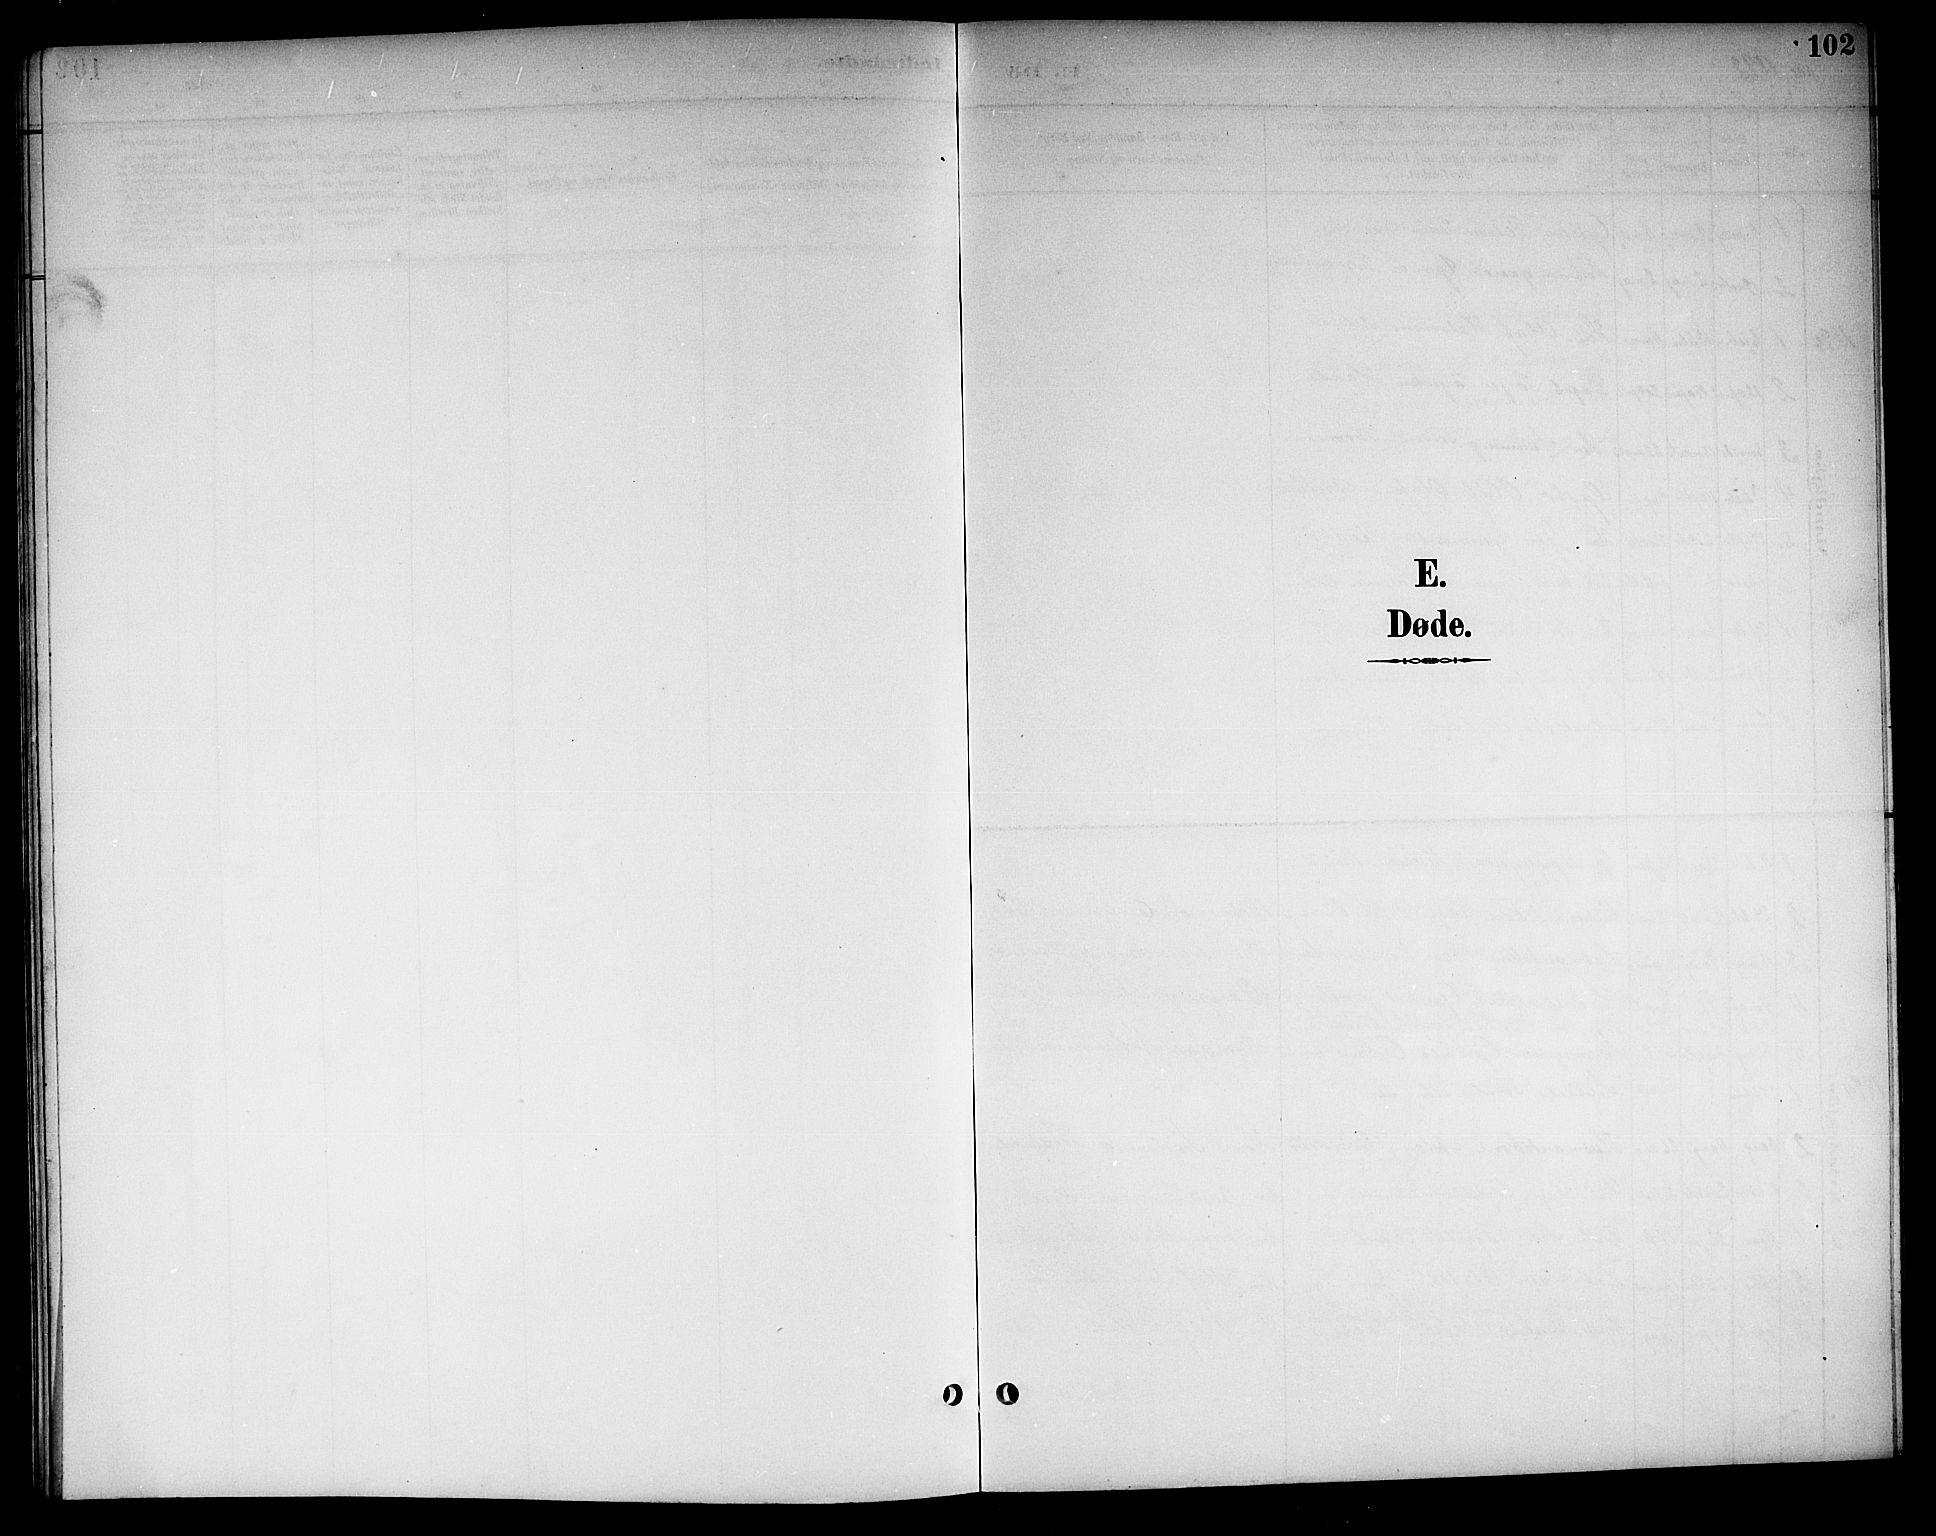 SAKO, Kviteseid kirkebøker, G/Gc/L0001: Klokkerbok nr. III 1, 1893-1916, s. 102